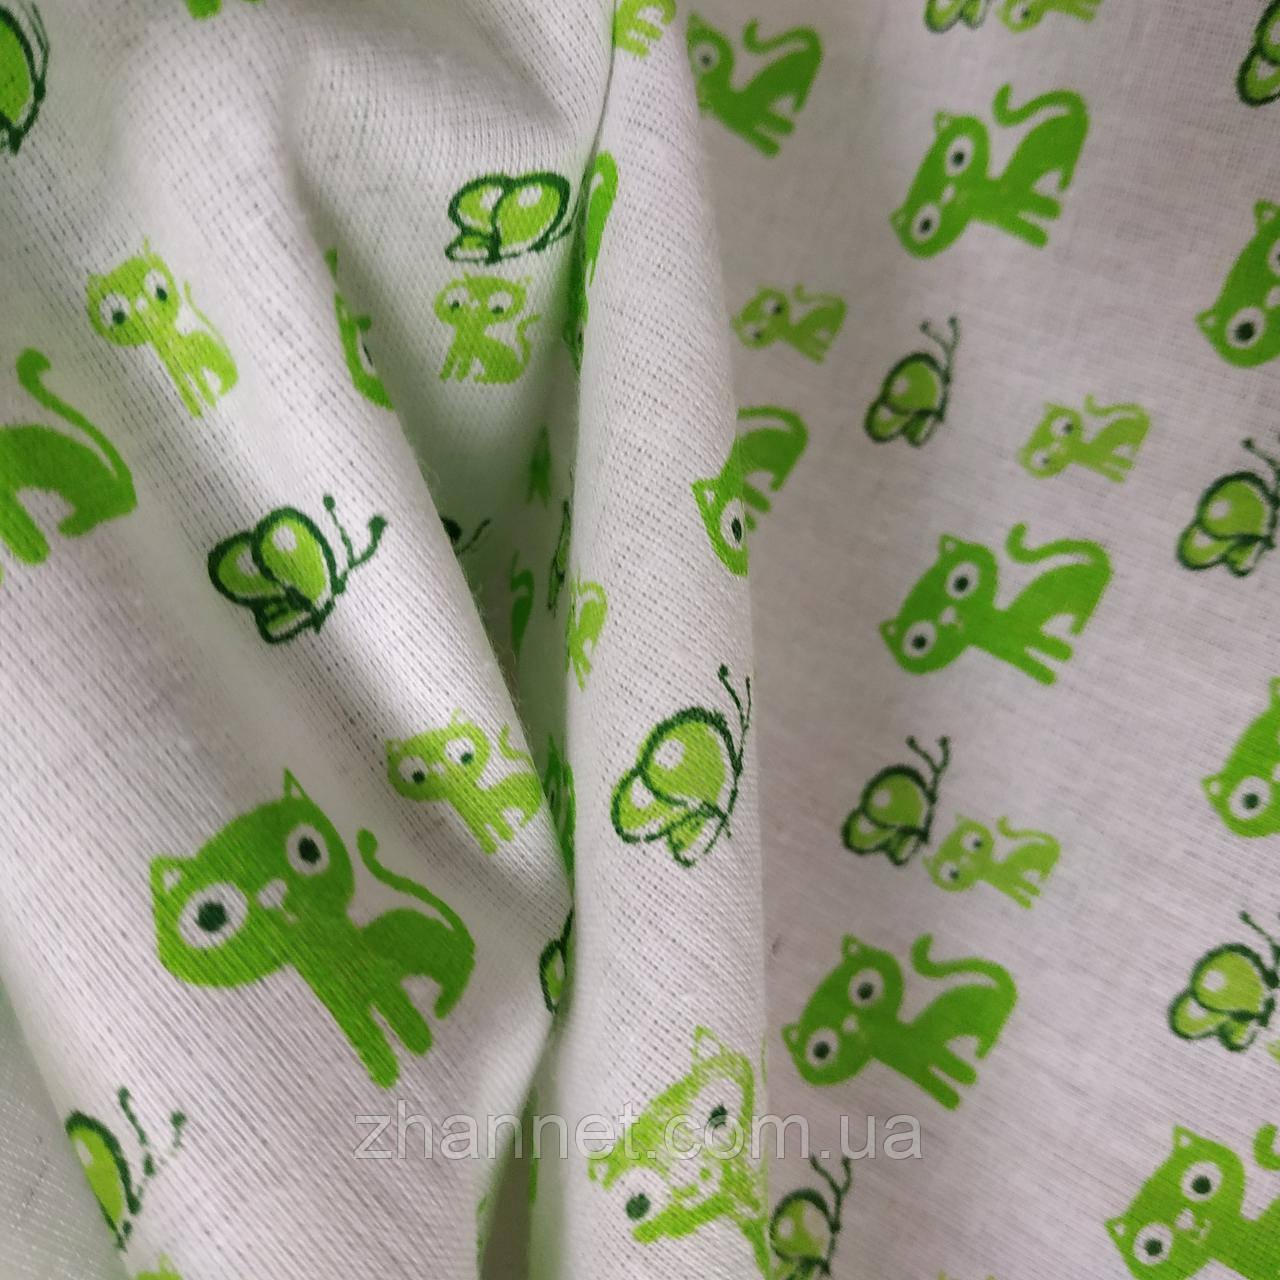 Ситець дитячий Кошенята зелений 95 см (811941)